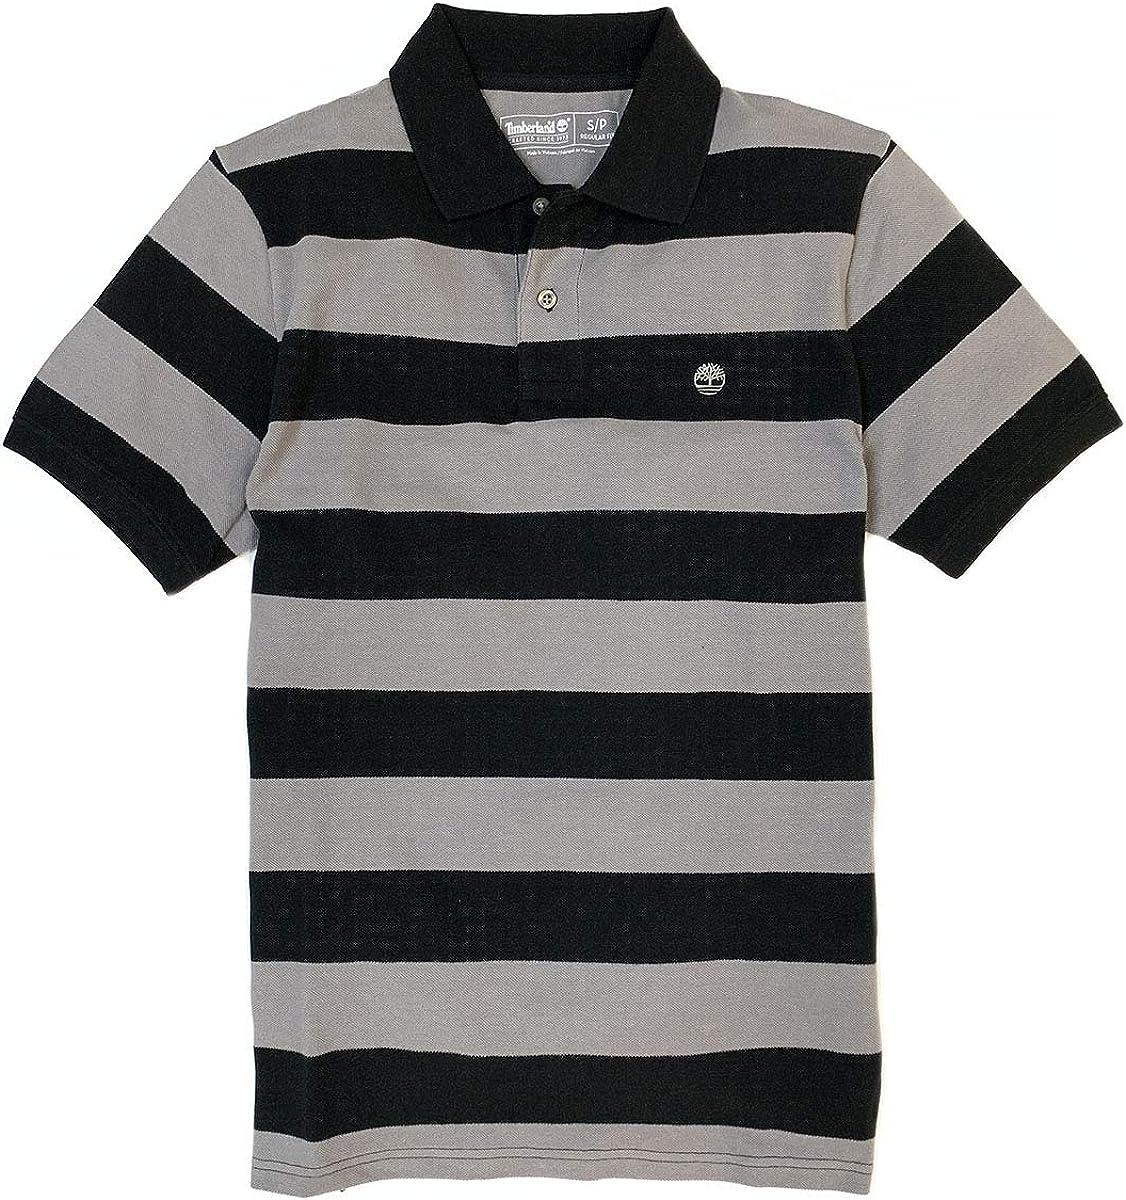 Despido Desgastado Cerebro  Timberland Men's Short Sleeve Pique Summer 100% Cotton Polo Shirt at Amazon  Men's Clothing store